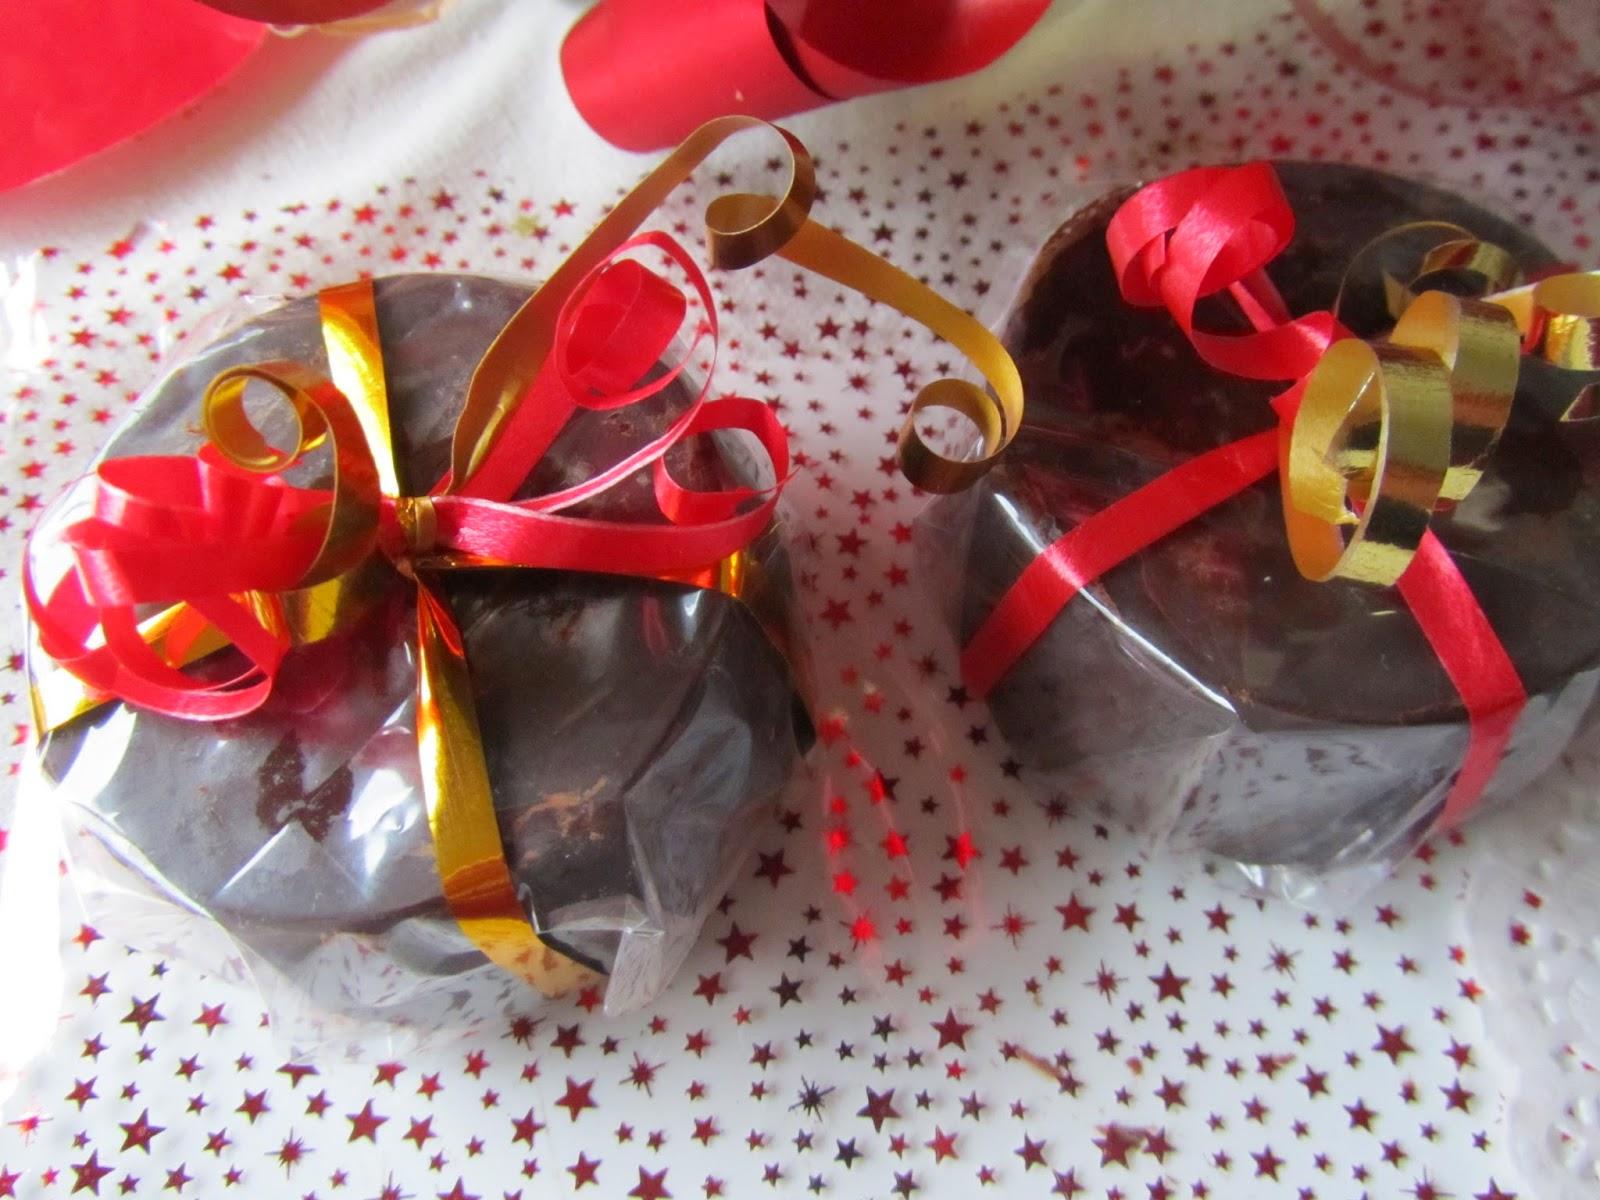 Turrón de chocolate y oreo, con mandarina y pera glaseada